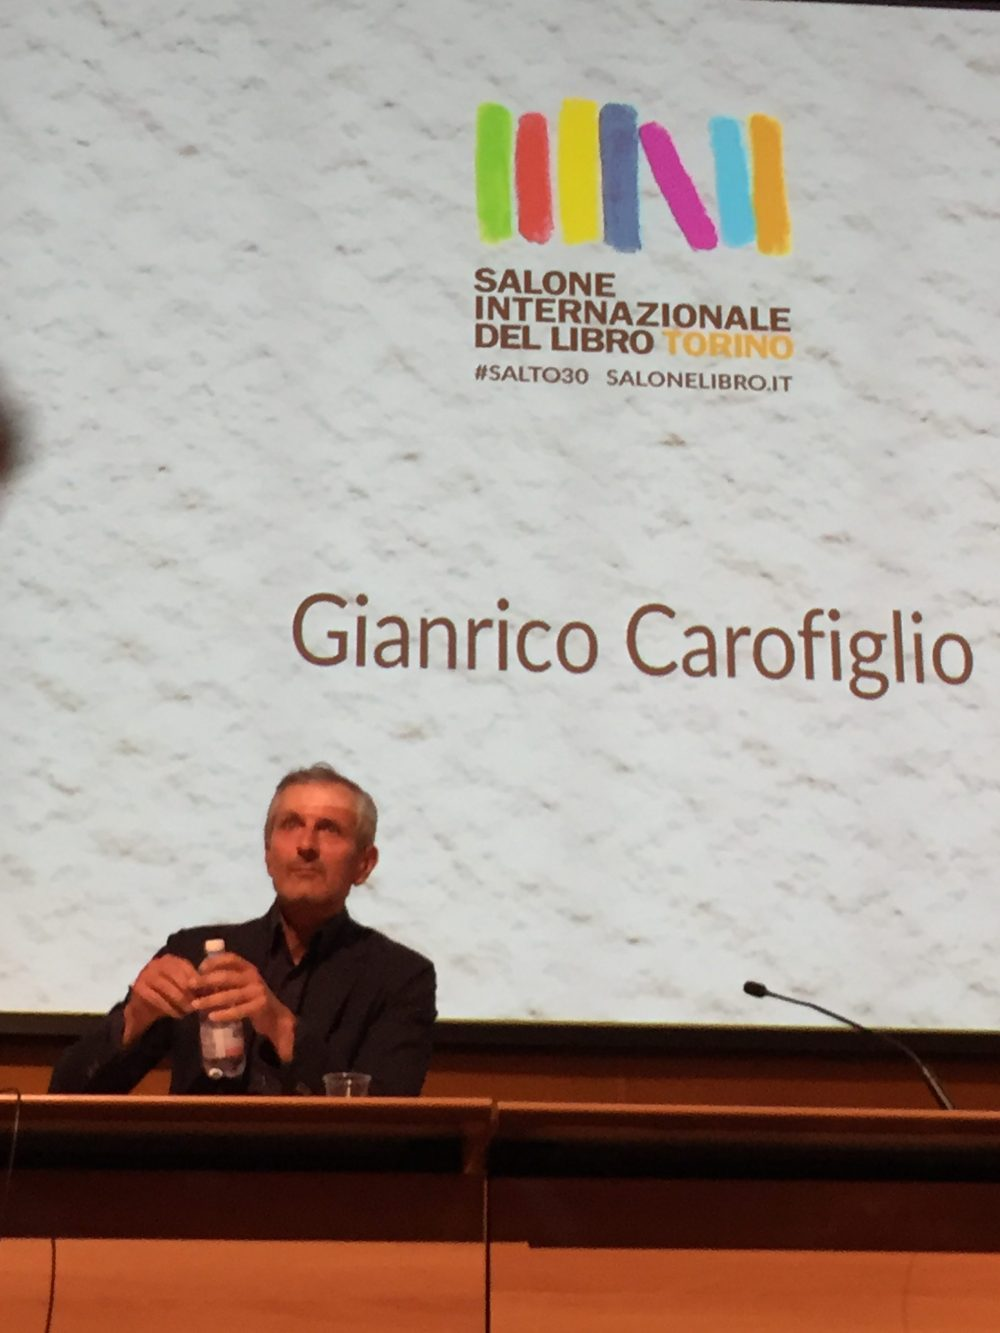 Gianrico Carofiglio